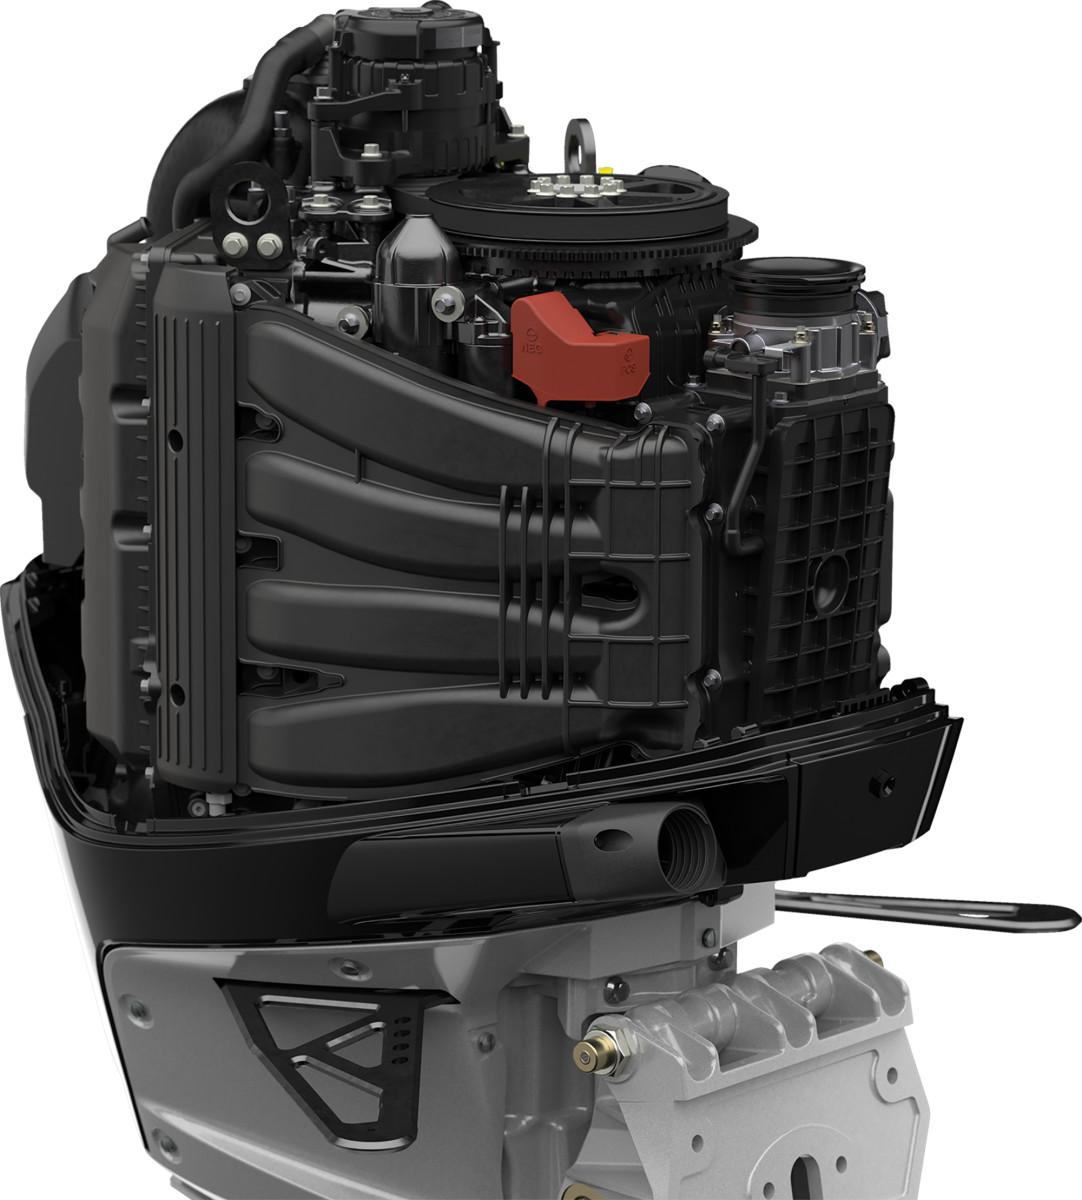 Mercury's 360 APX